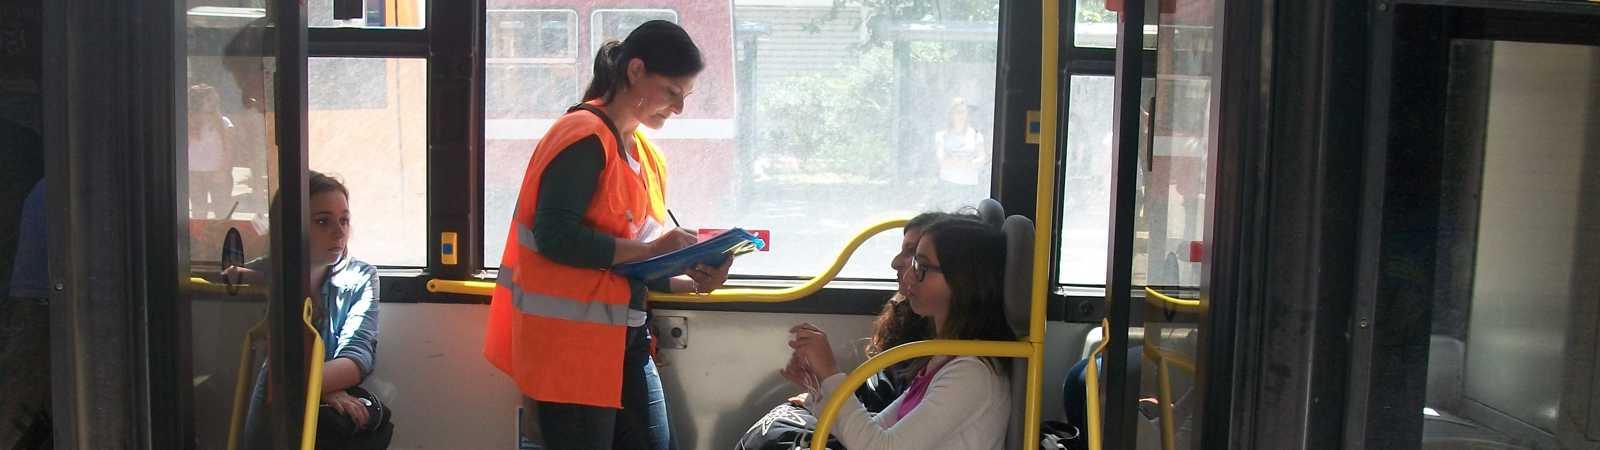 Como e Provincia: ricerca intervistatori per indagine di customer satisfaction sui mezzi di trasporto pubblico